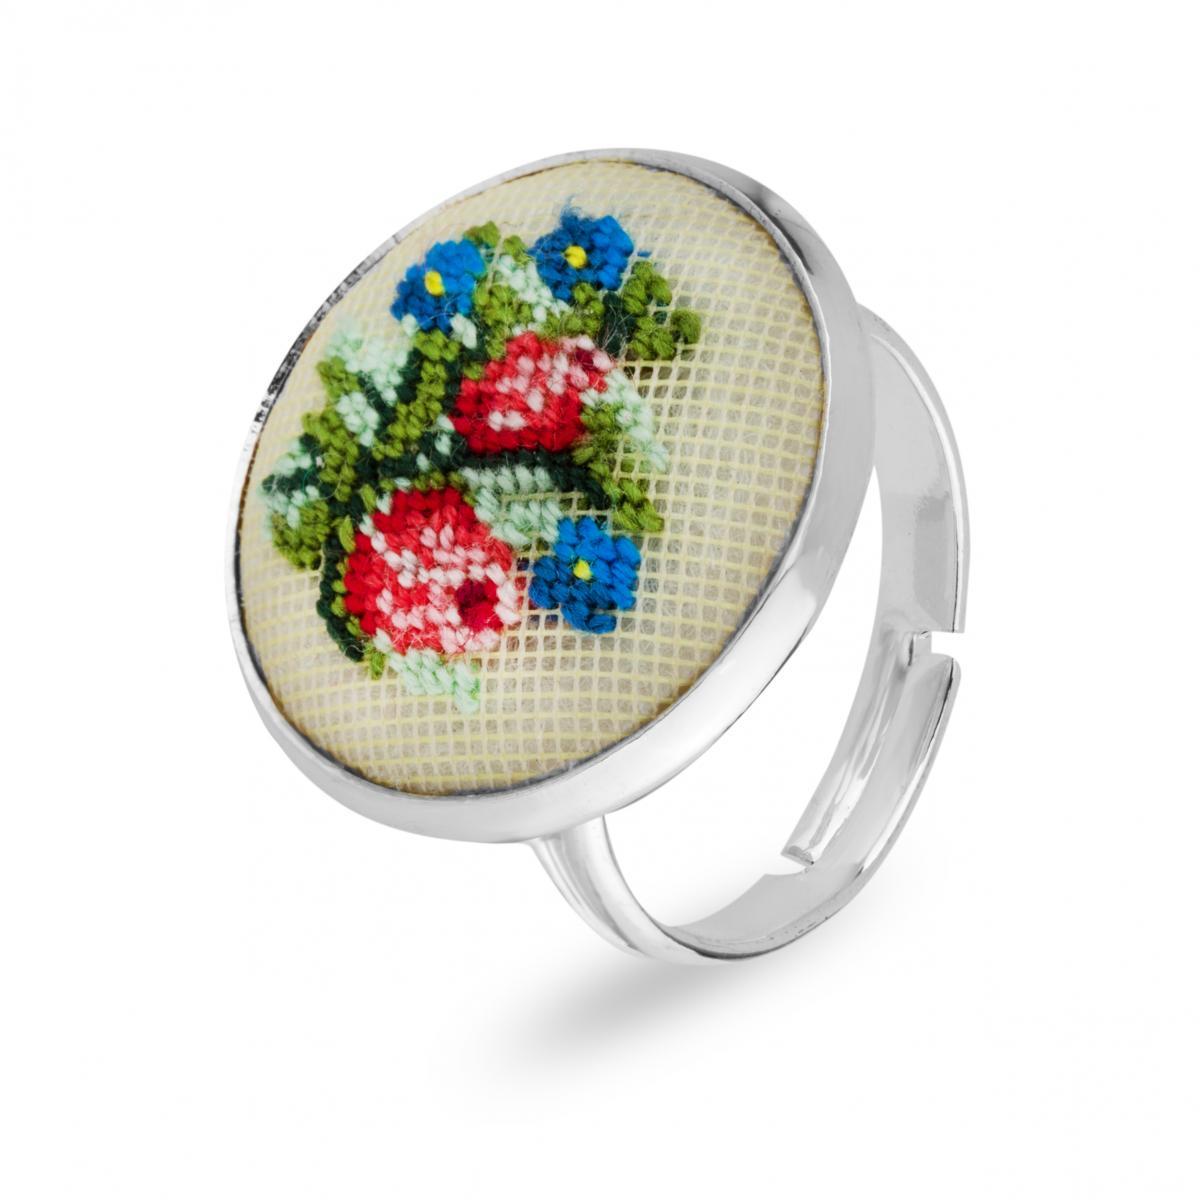 Кольцо с вышитыми цветами в технике микровишивки. Фото №2. | Народный дом Украина